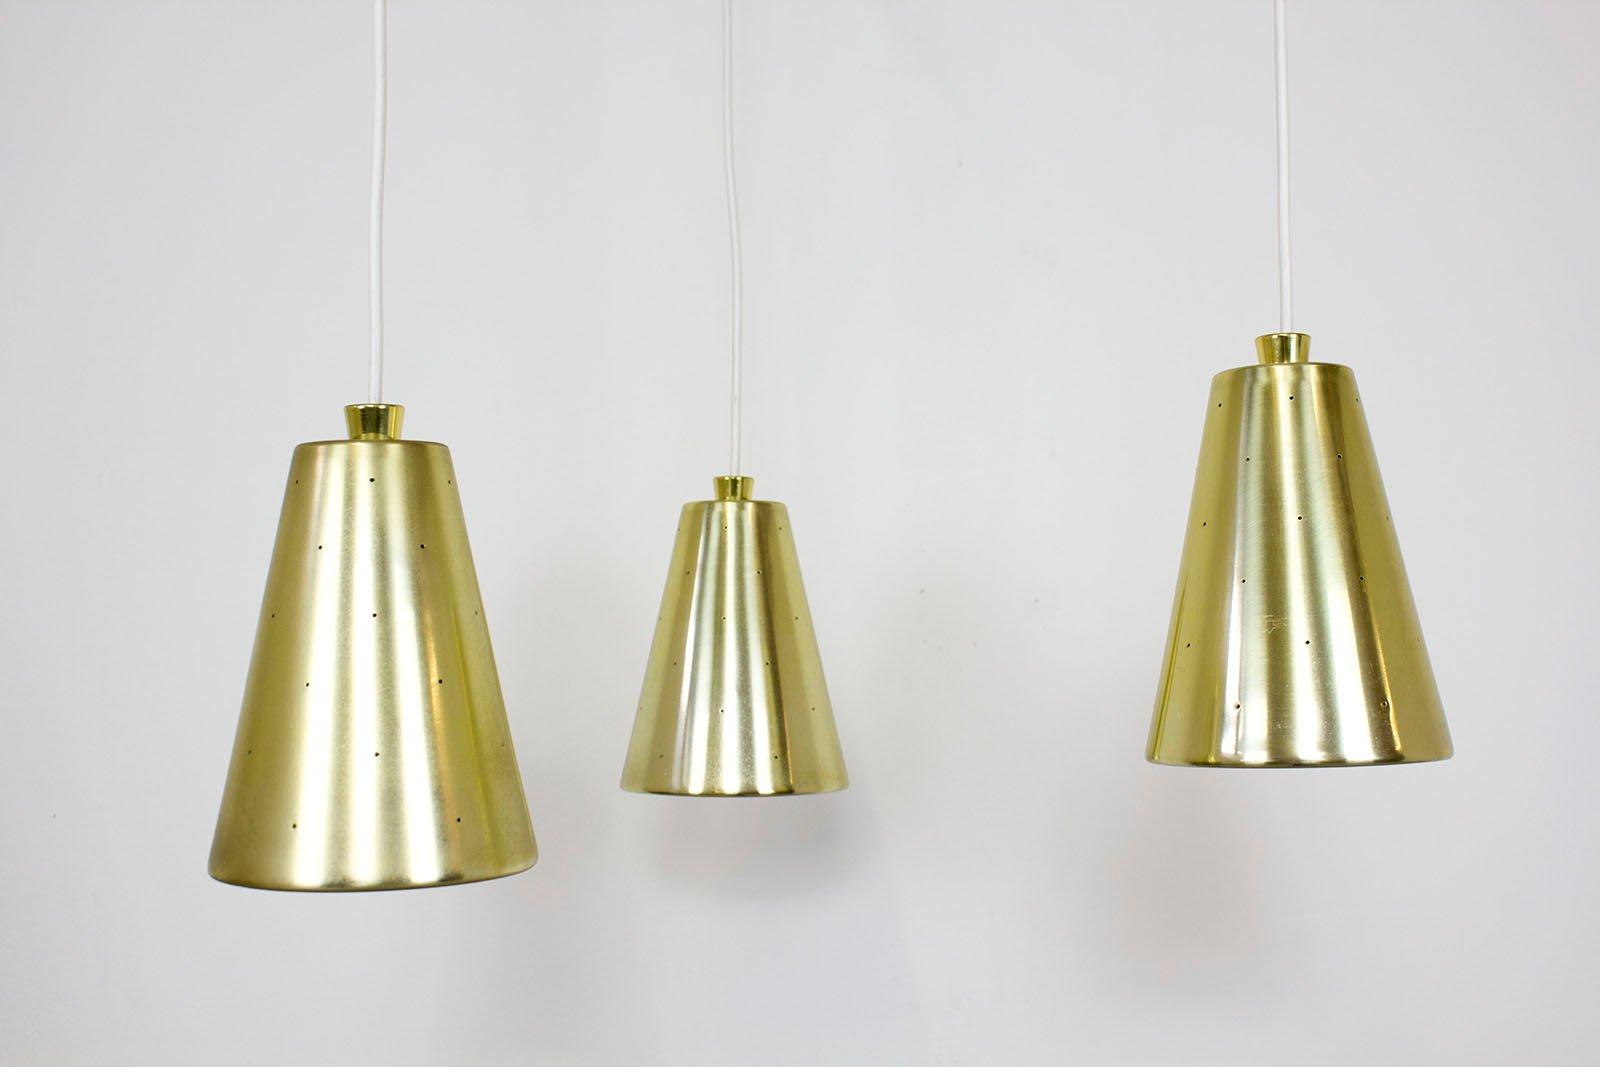 vintage messing teak glas deckenlampe mit drei leuchten von lightolier bei pamono kaufen. Black Bedroom Furniture Sets. Home Design Ideas